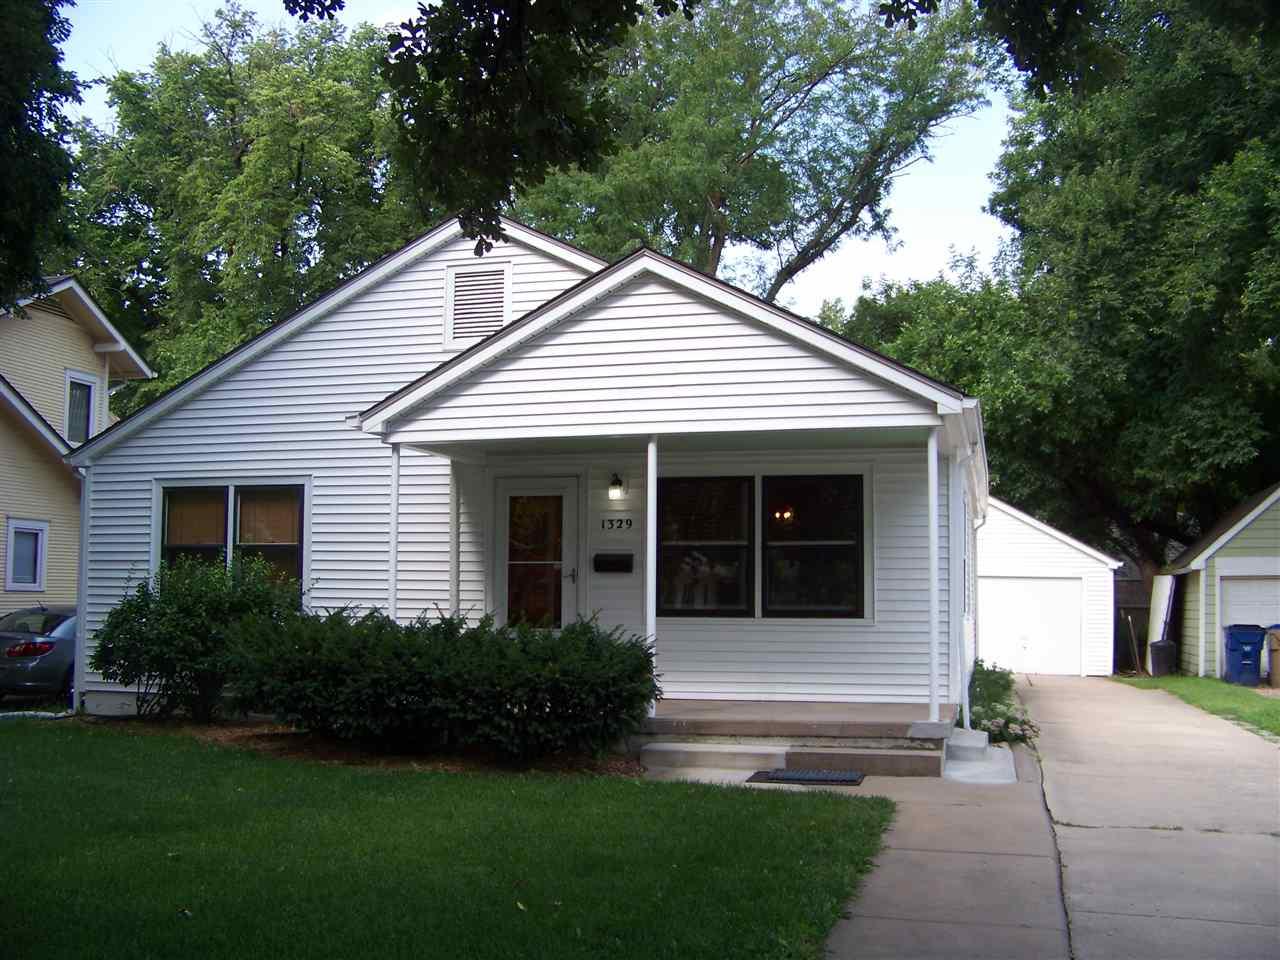 1329 N Perry Ave., Wichita, KS 67203